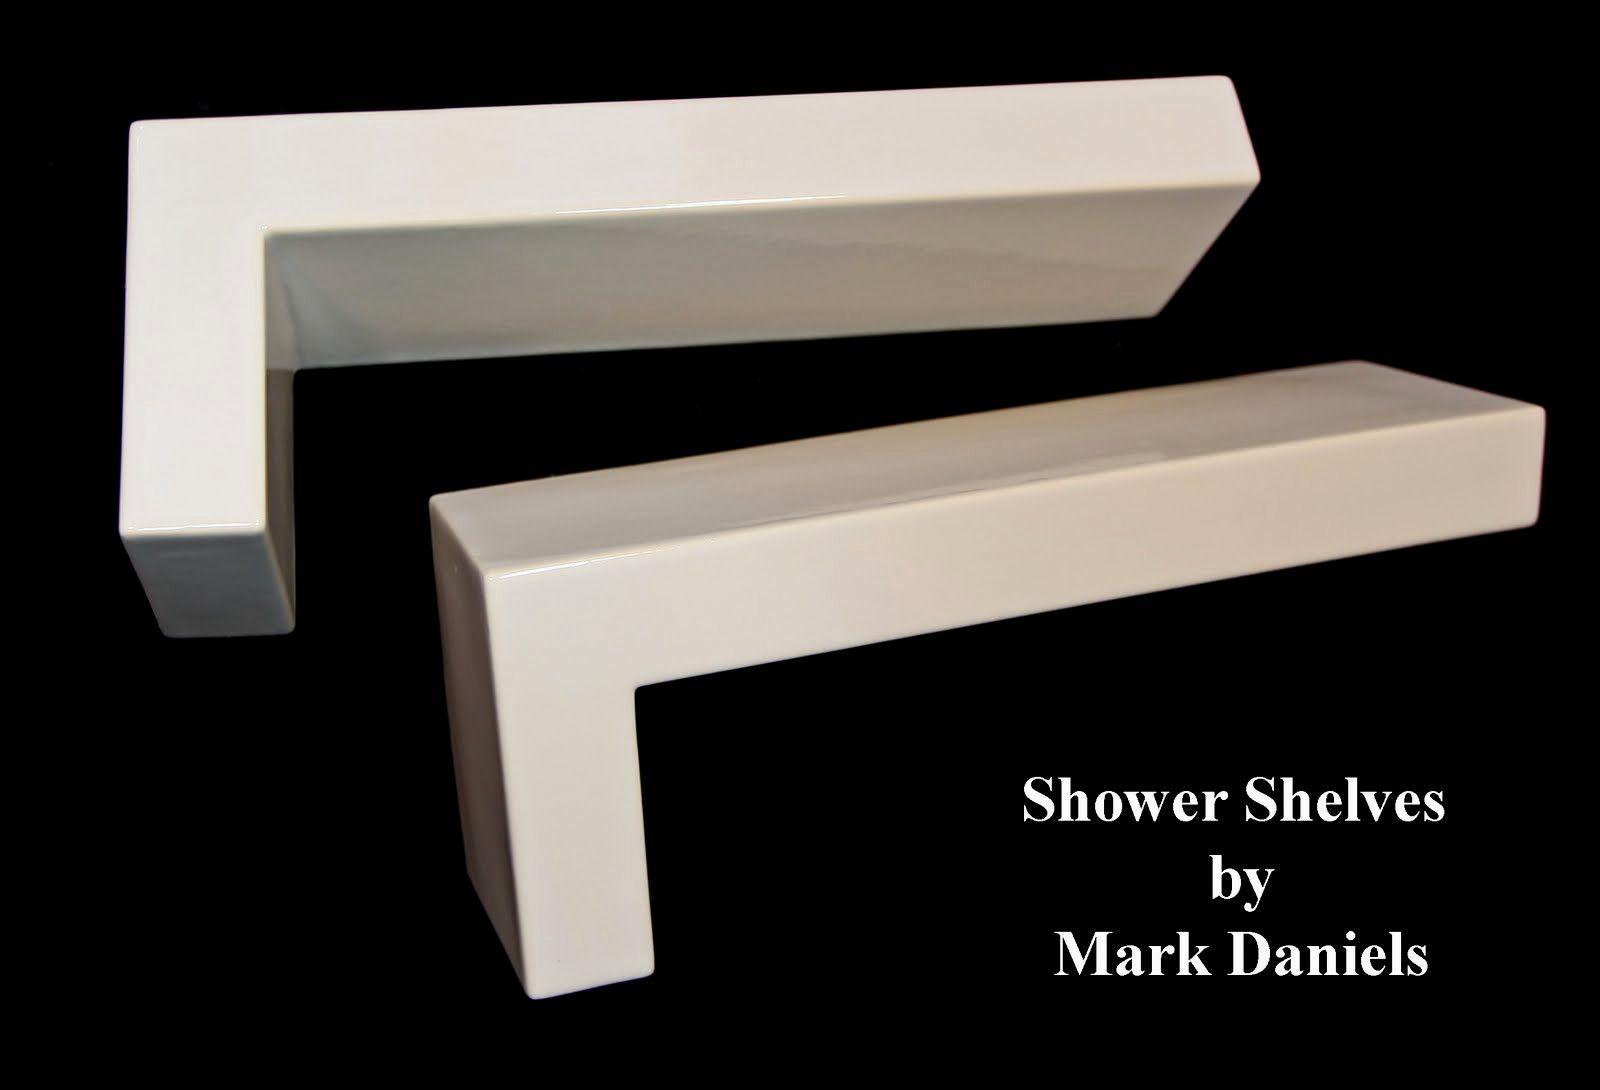 contemporary bathroom shelving ideas ideas-Lovely Bathroom Shelving Ideas Collection